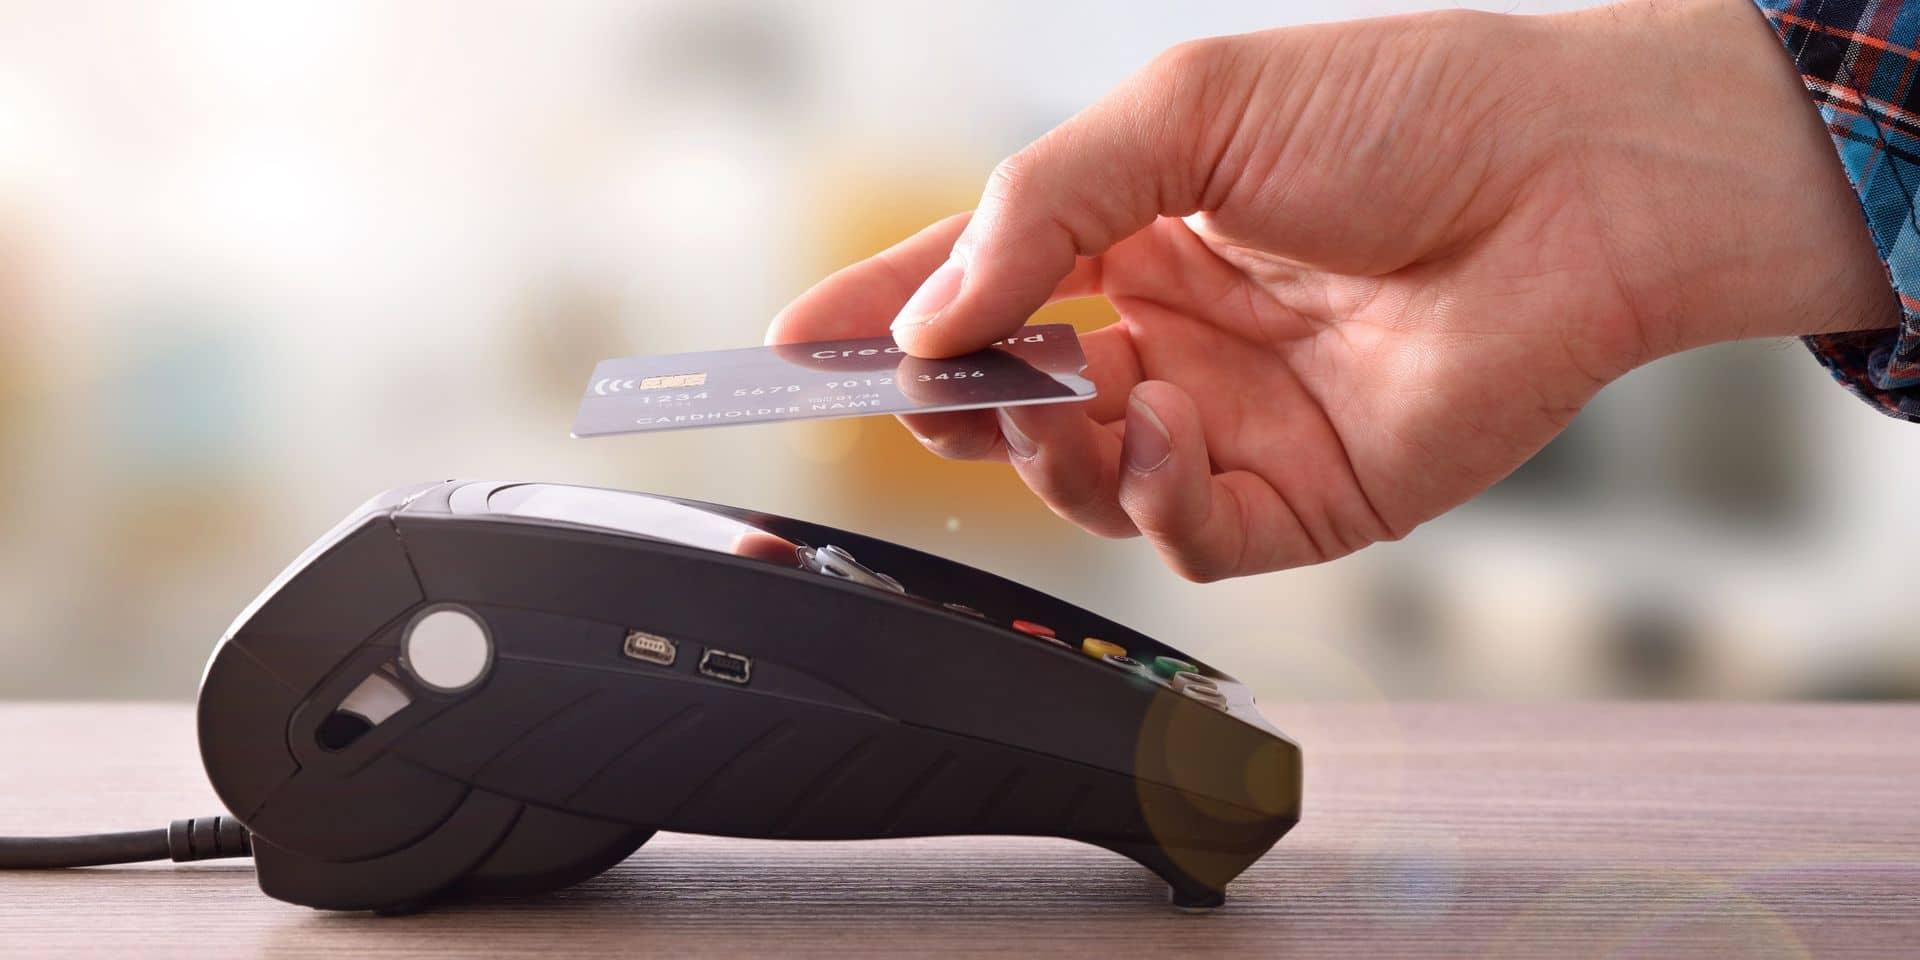 Febelfin, Bancontact Payconiq Company, Mastercard, Visa et Worldline ont voulu mieux cerner ce changement de paradigme dans le comportement de paiement des consommateurs belges.